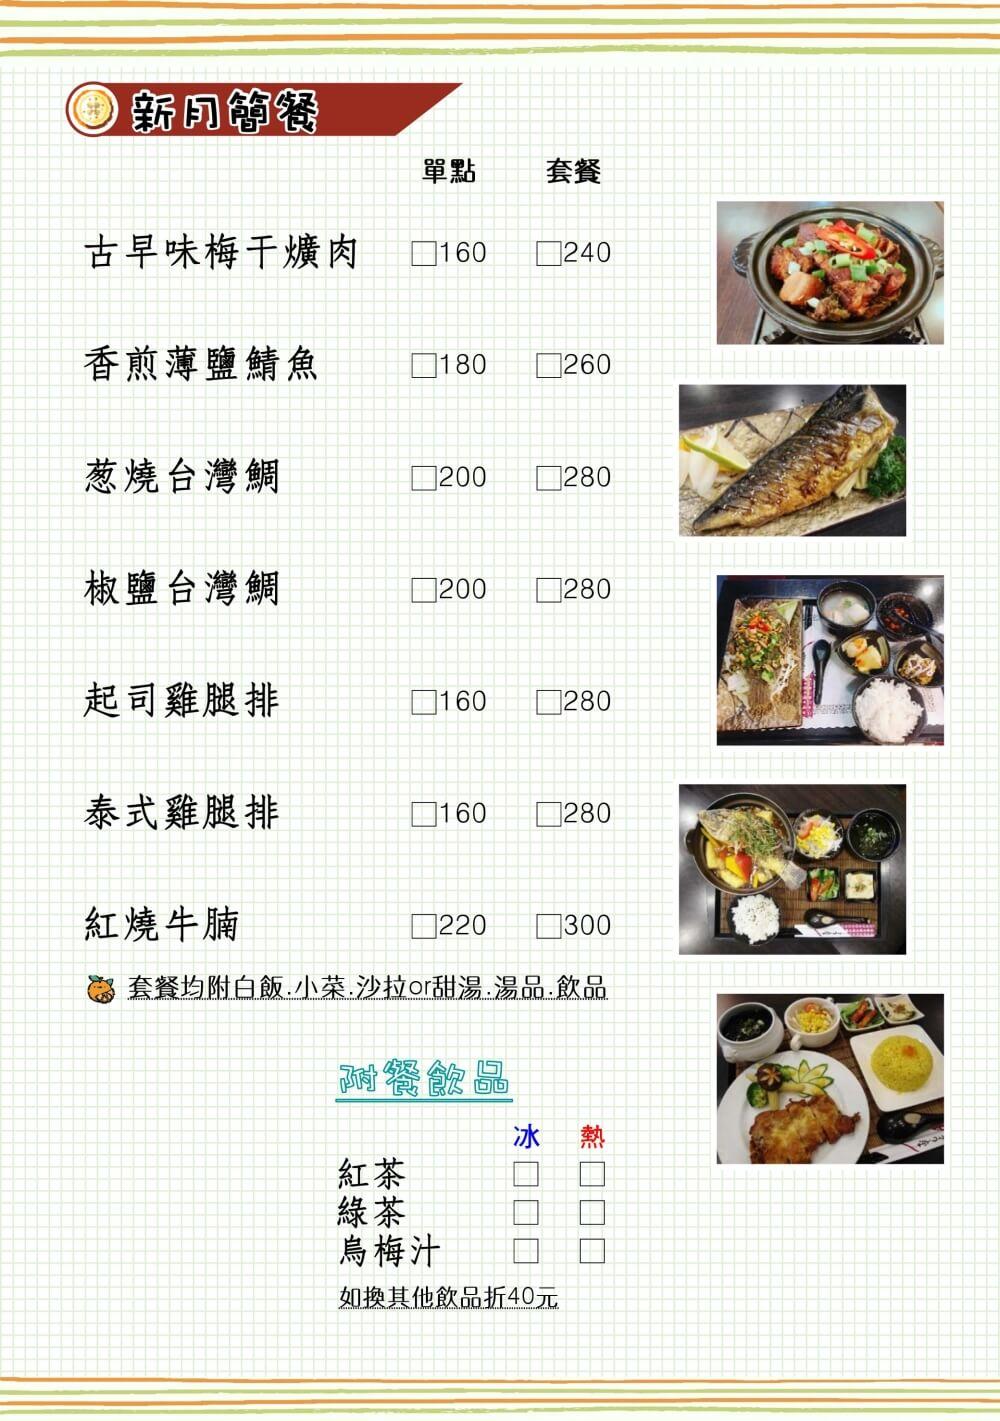 新月傳說景觀餐廳菜單-04